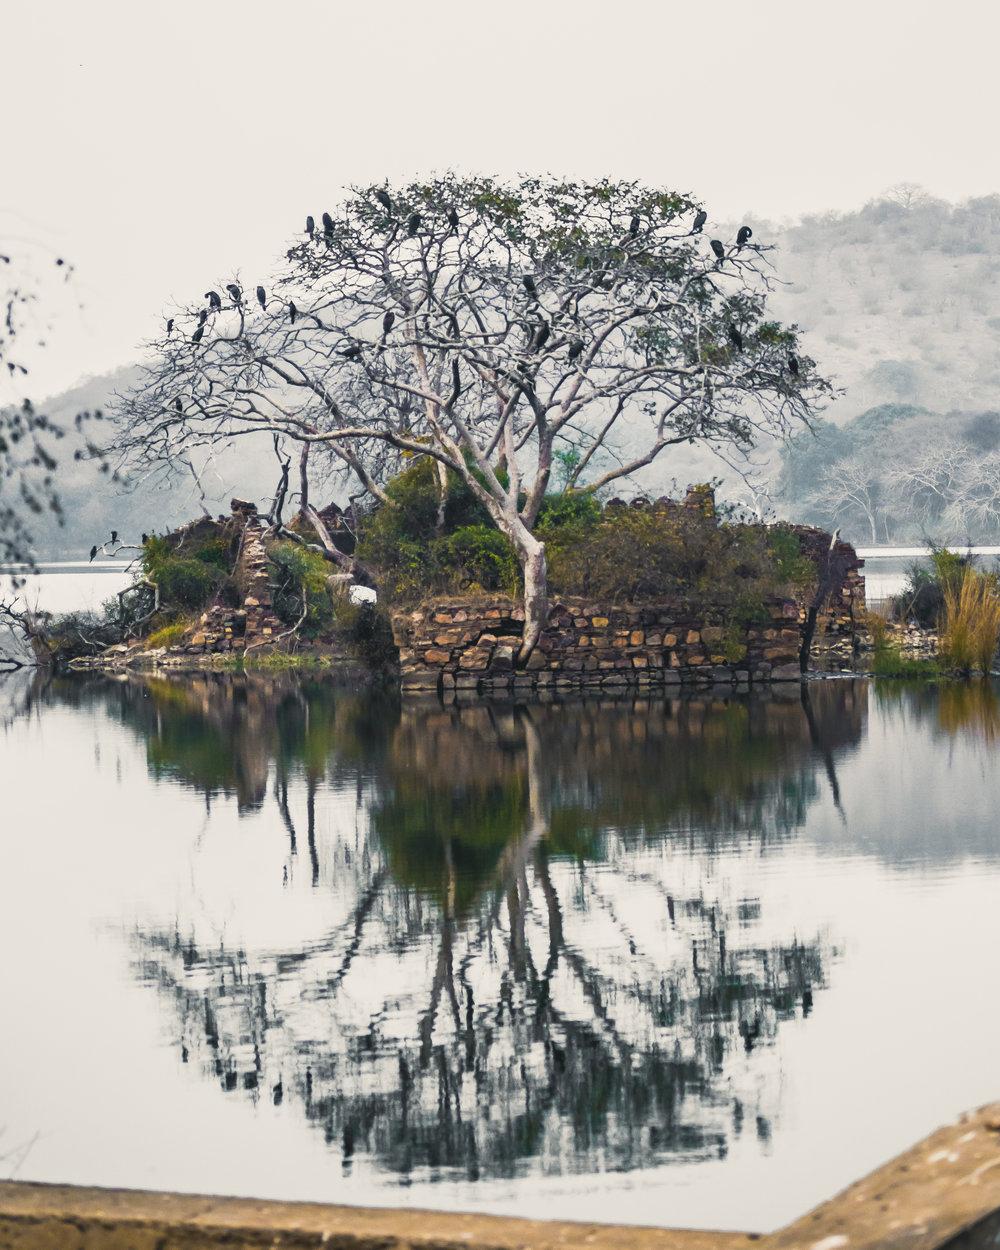 India 2013 - Lenssen-5793.jpg